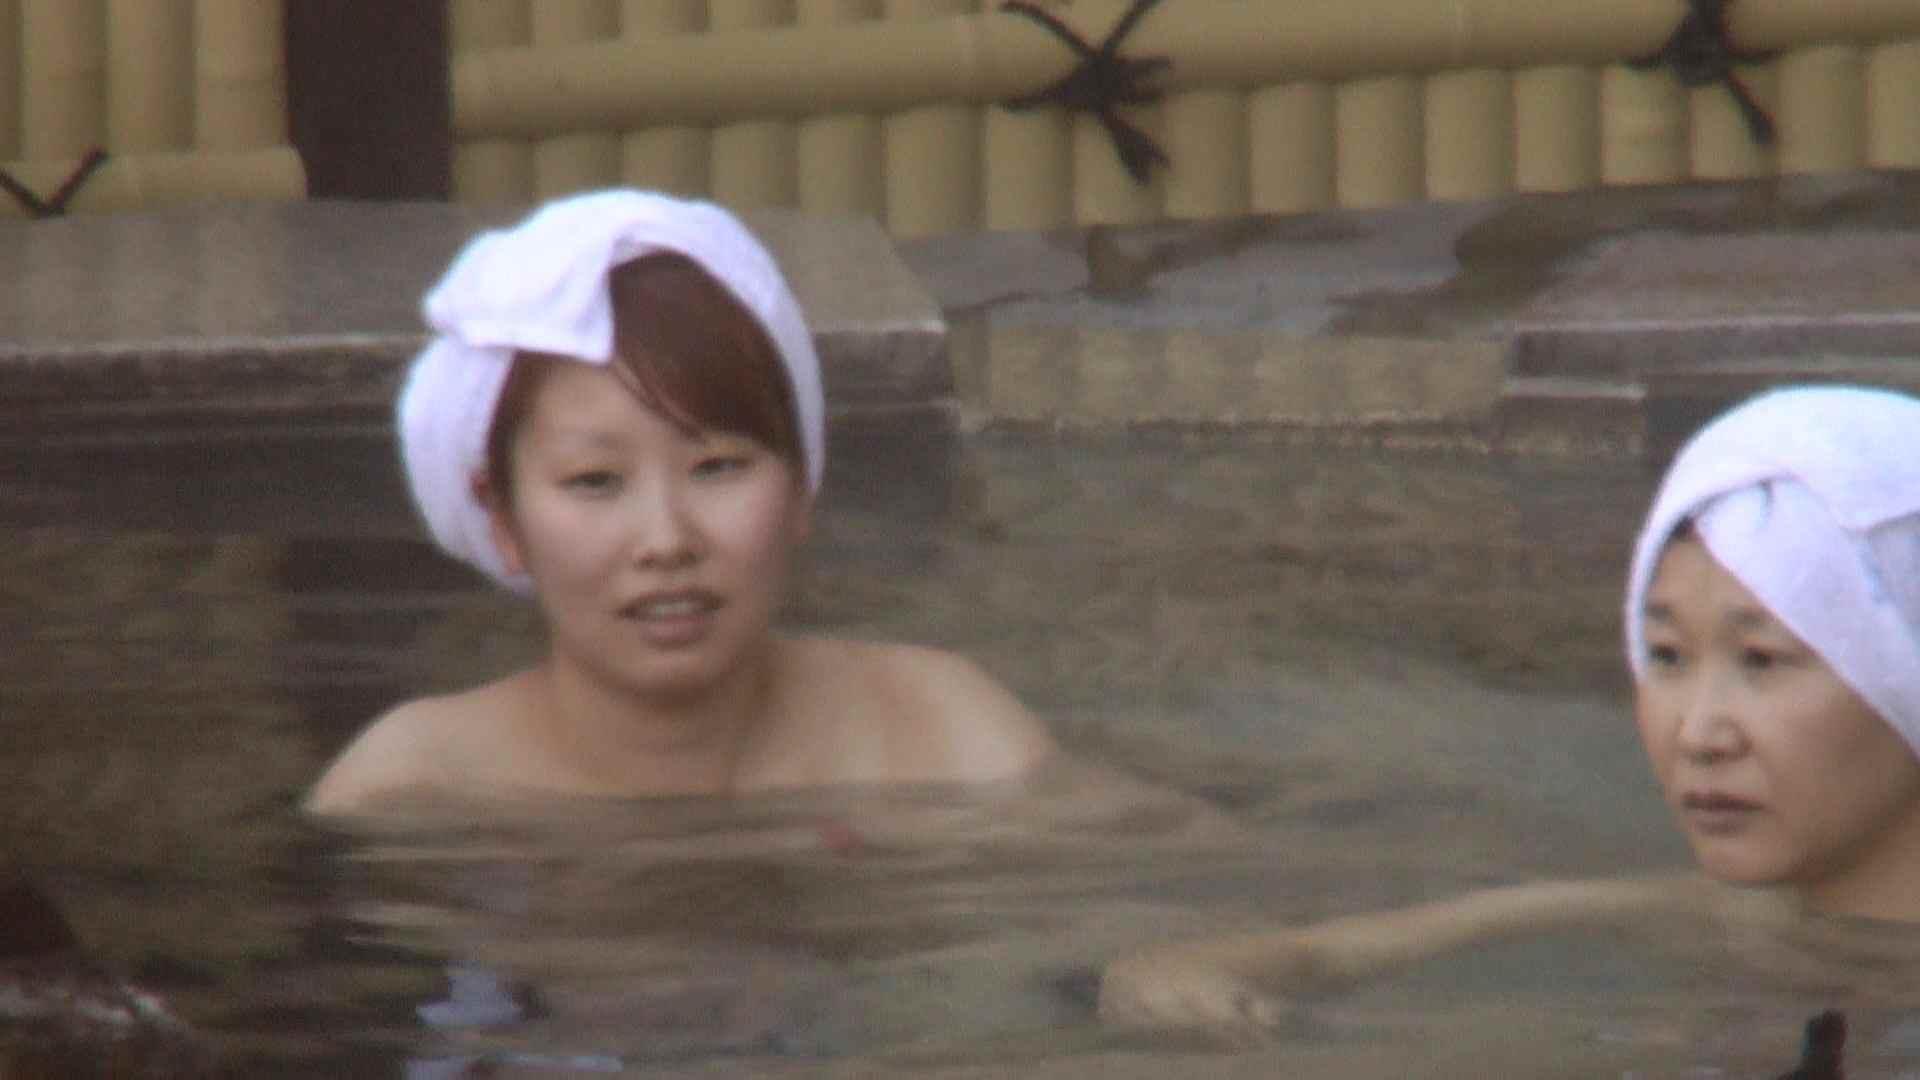 Aquaな露天風呂Vol.210 美しいOLの裸体  75pic 36